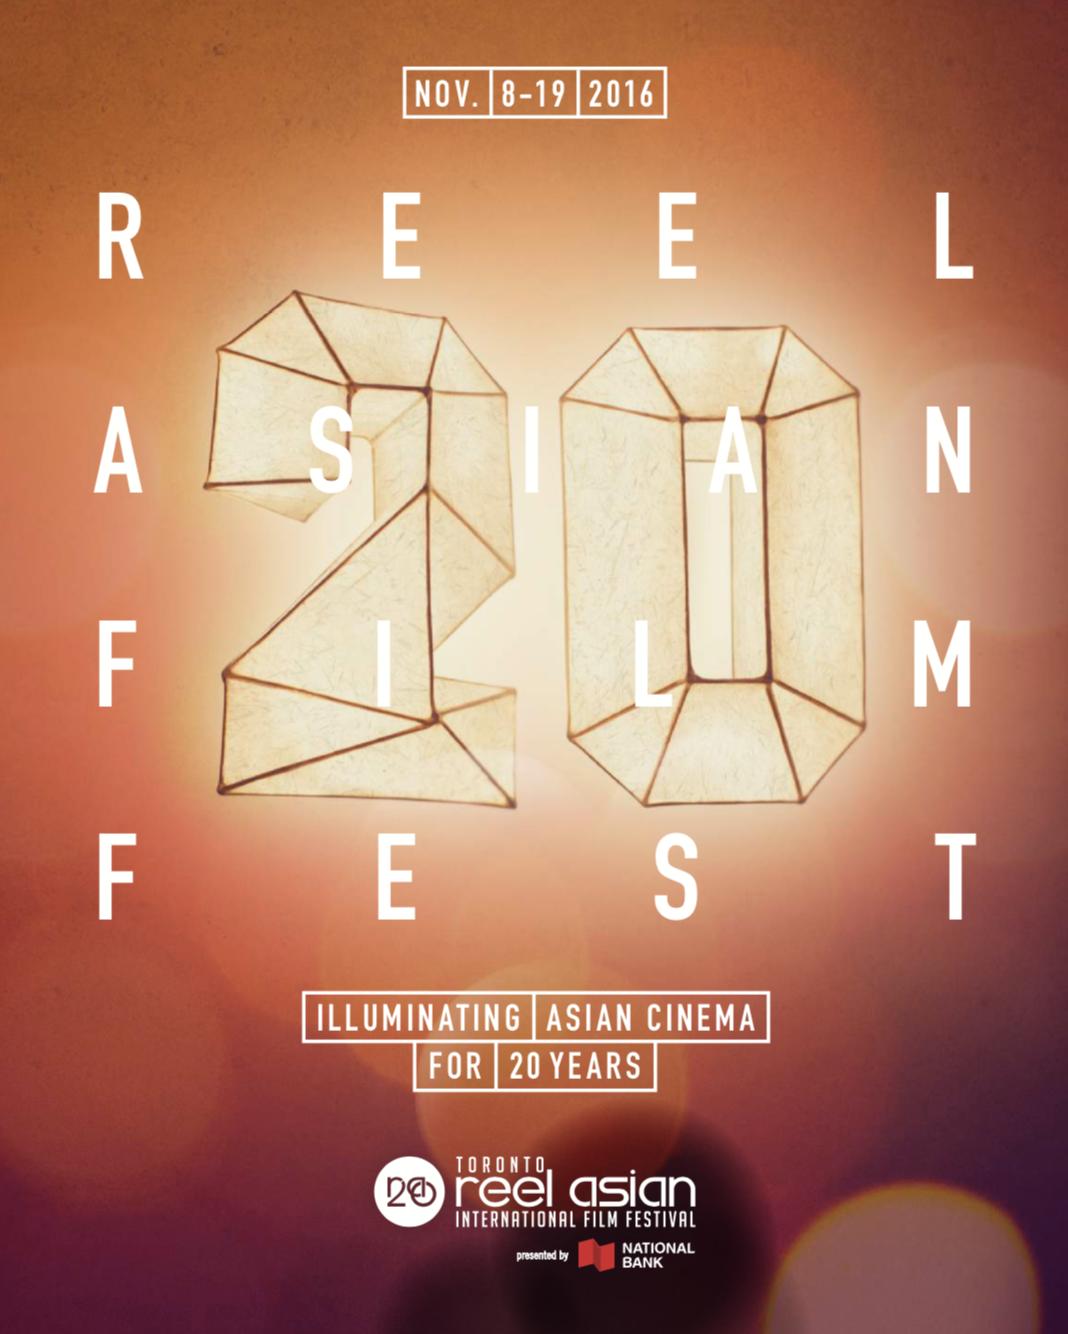 Reel Asian Festival Program Guide 2016